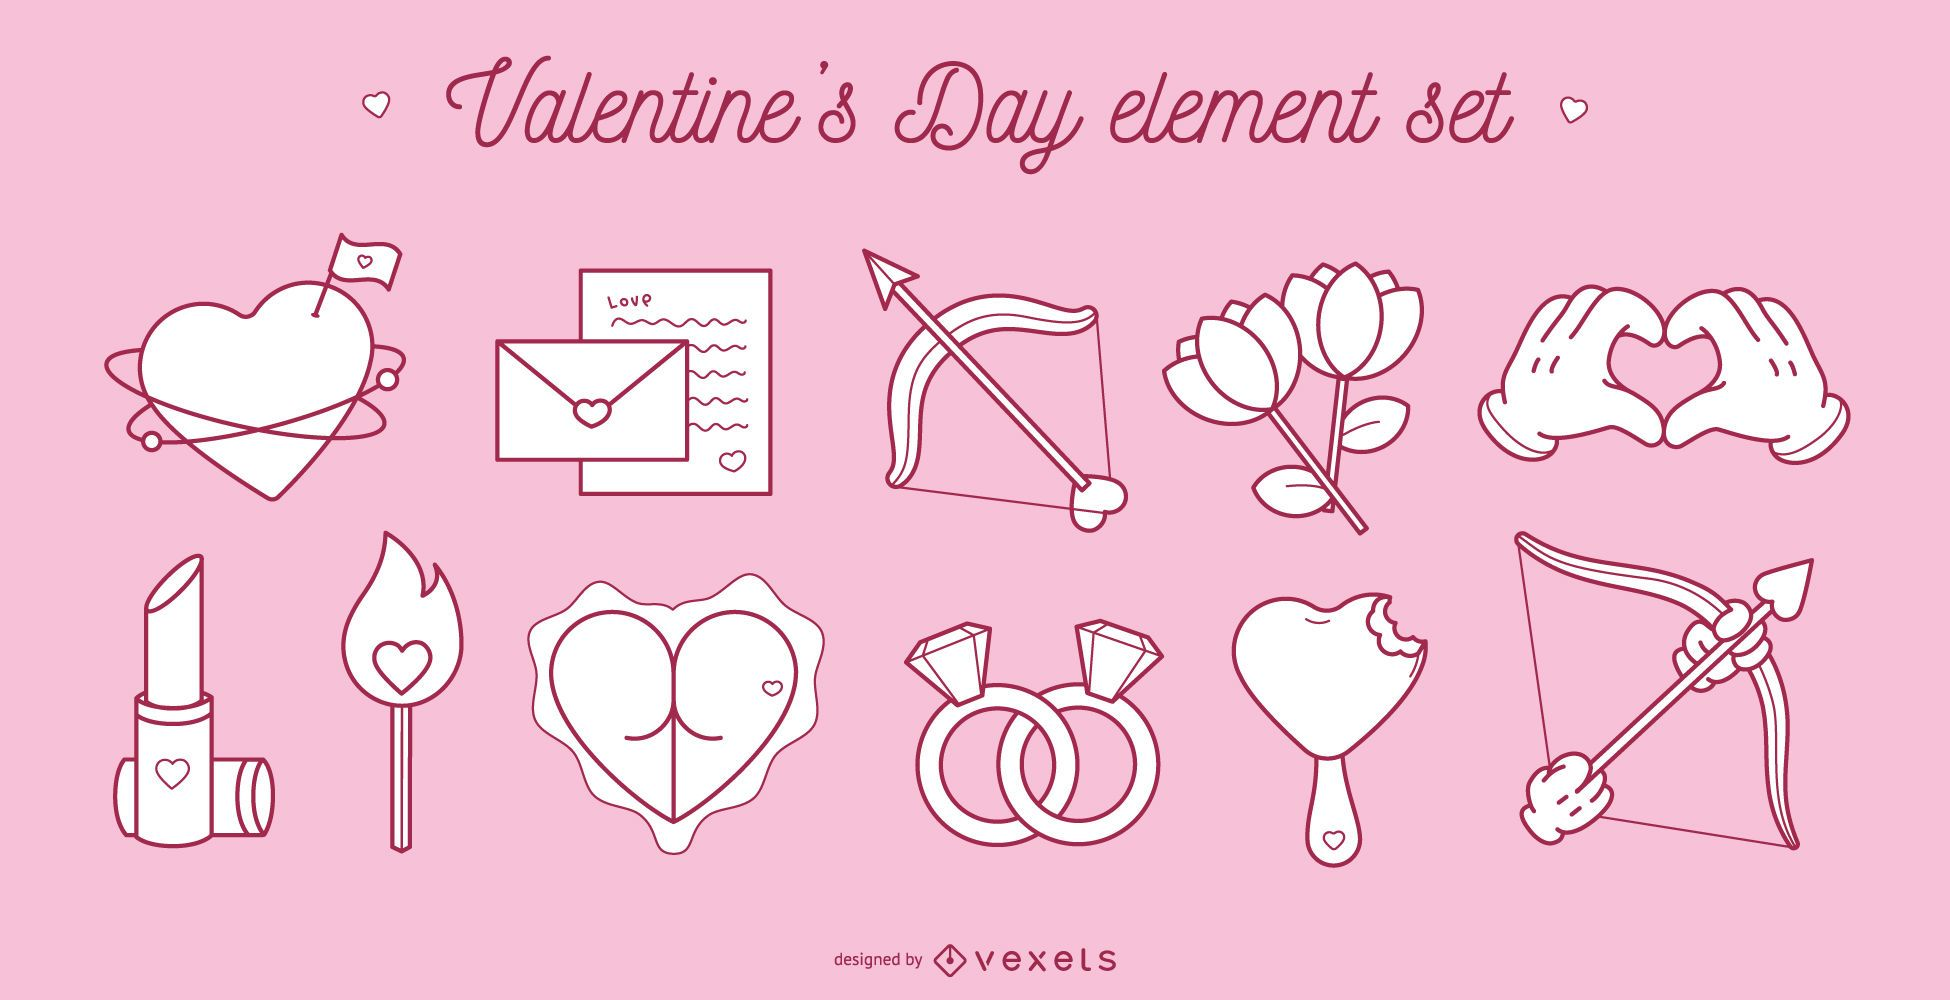 Valentine's day element set